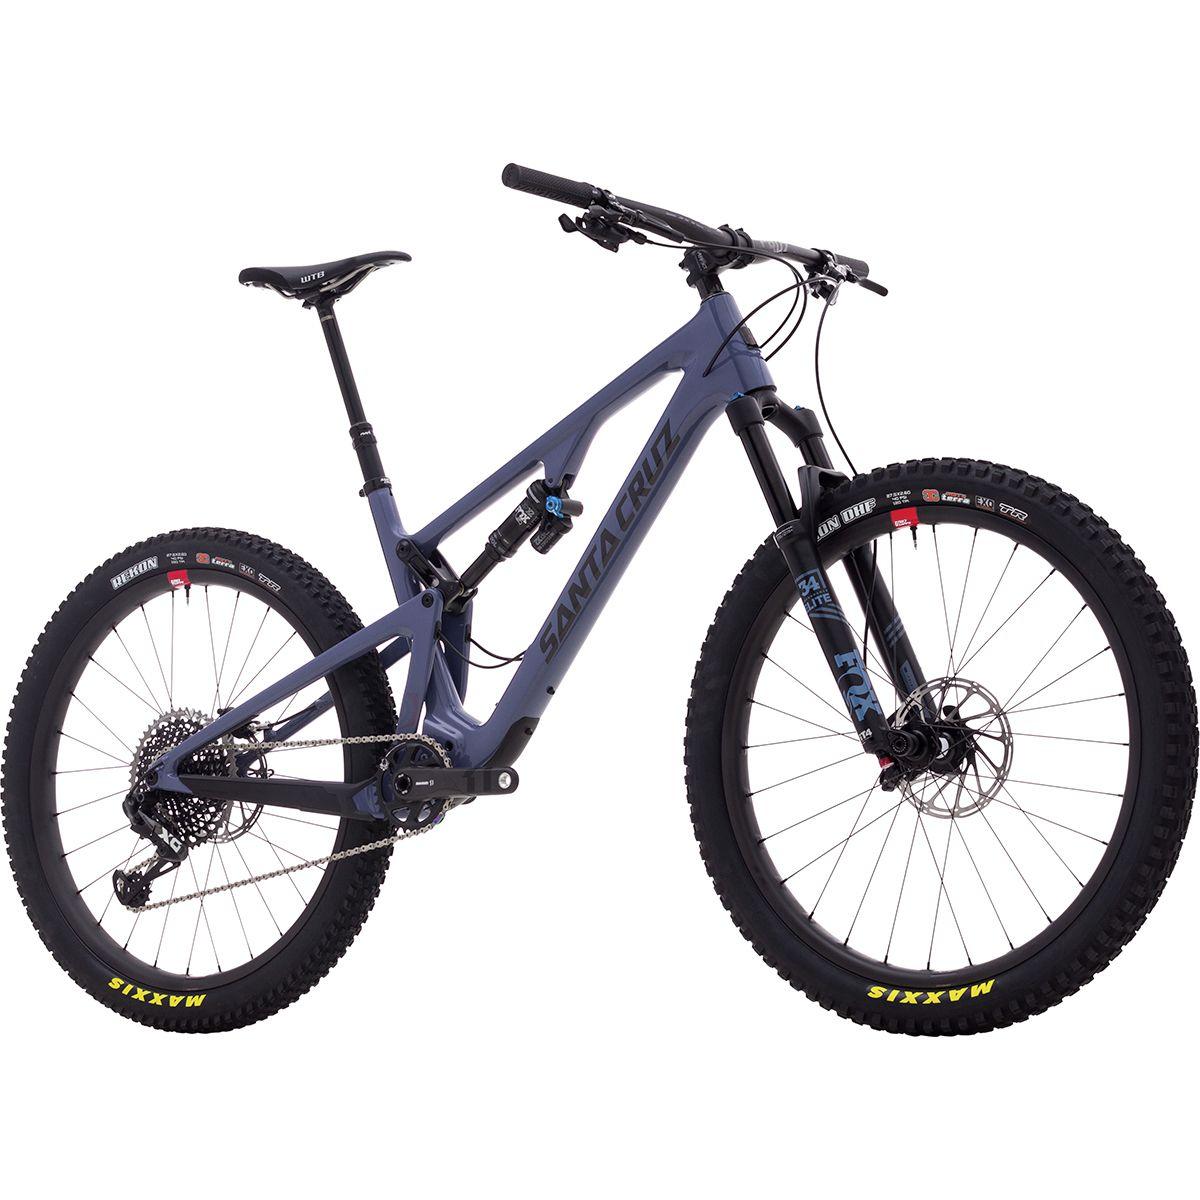 Santa Cruz Bicycles 5010 Carbon CC 27.5 X01 Eagle Reserve Complete Purple